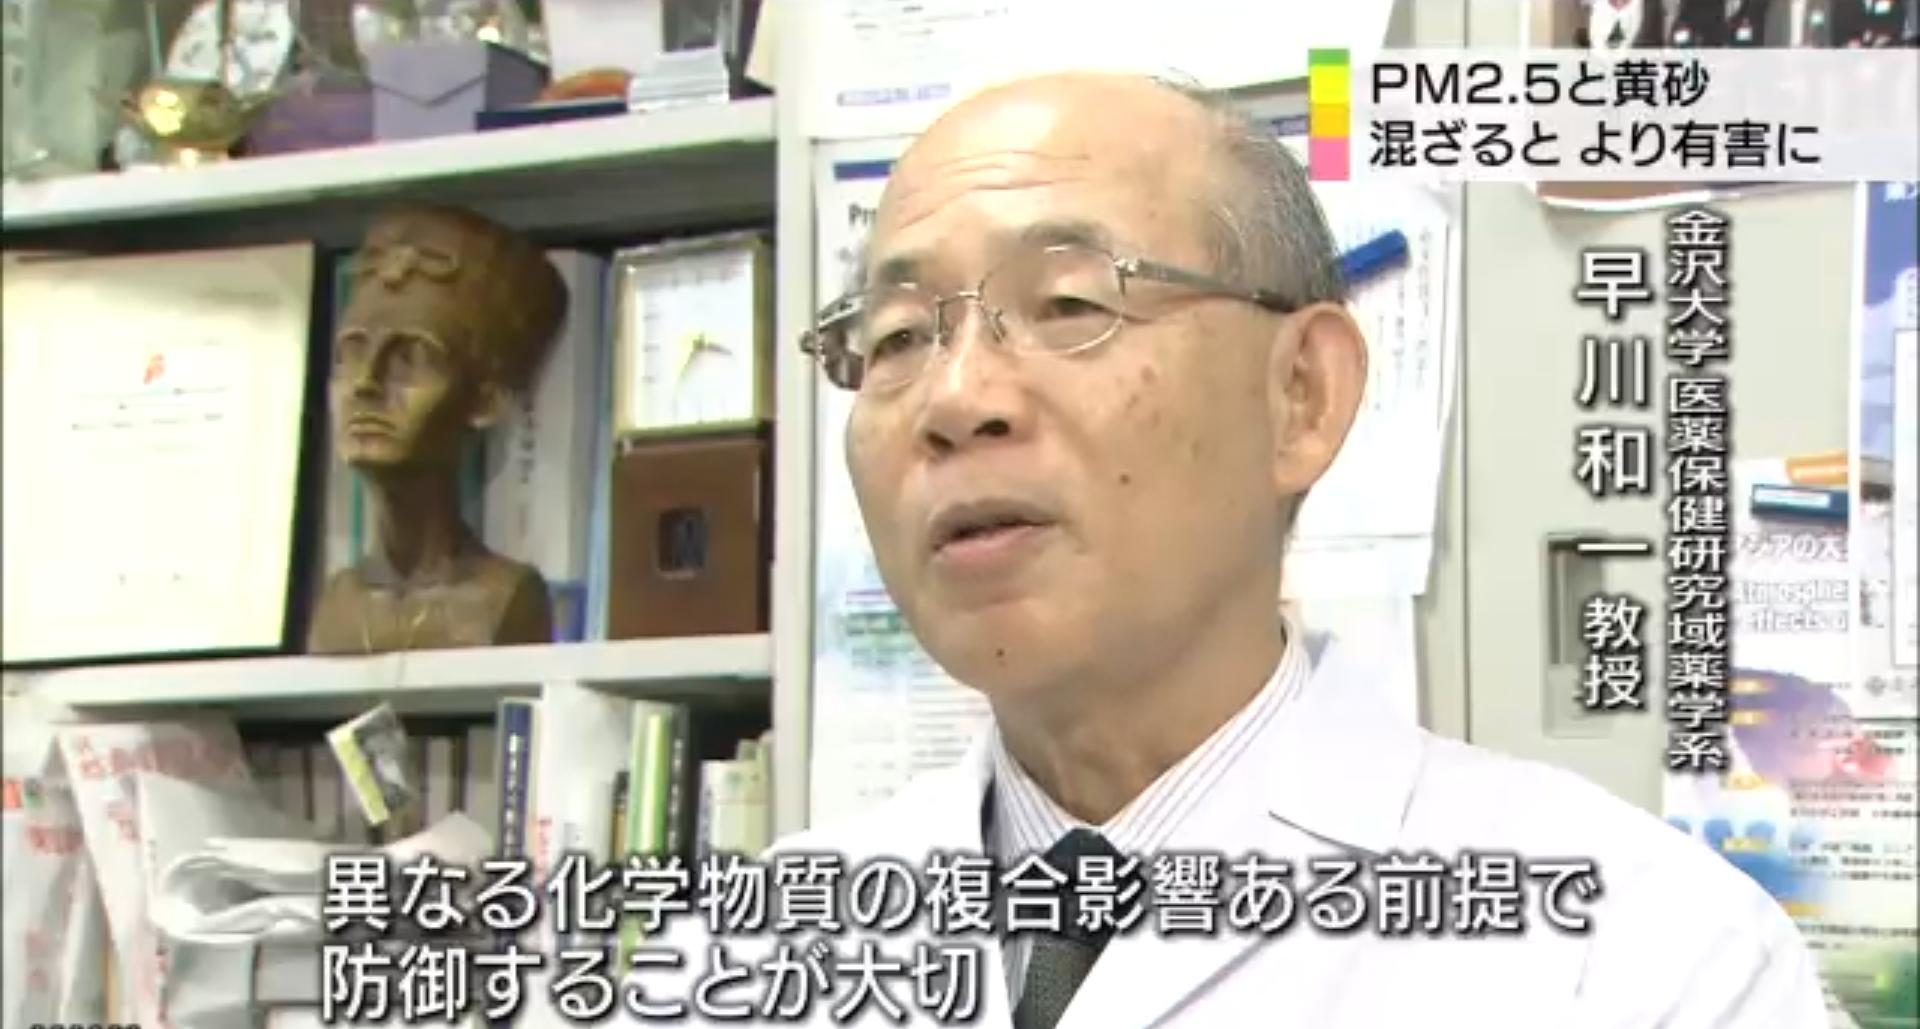 日本研究:PM2.5 混黃砂產物質變化,致癌風險高出 100 倍